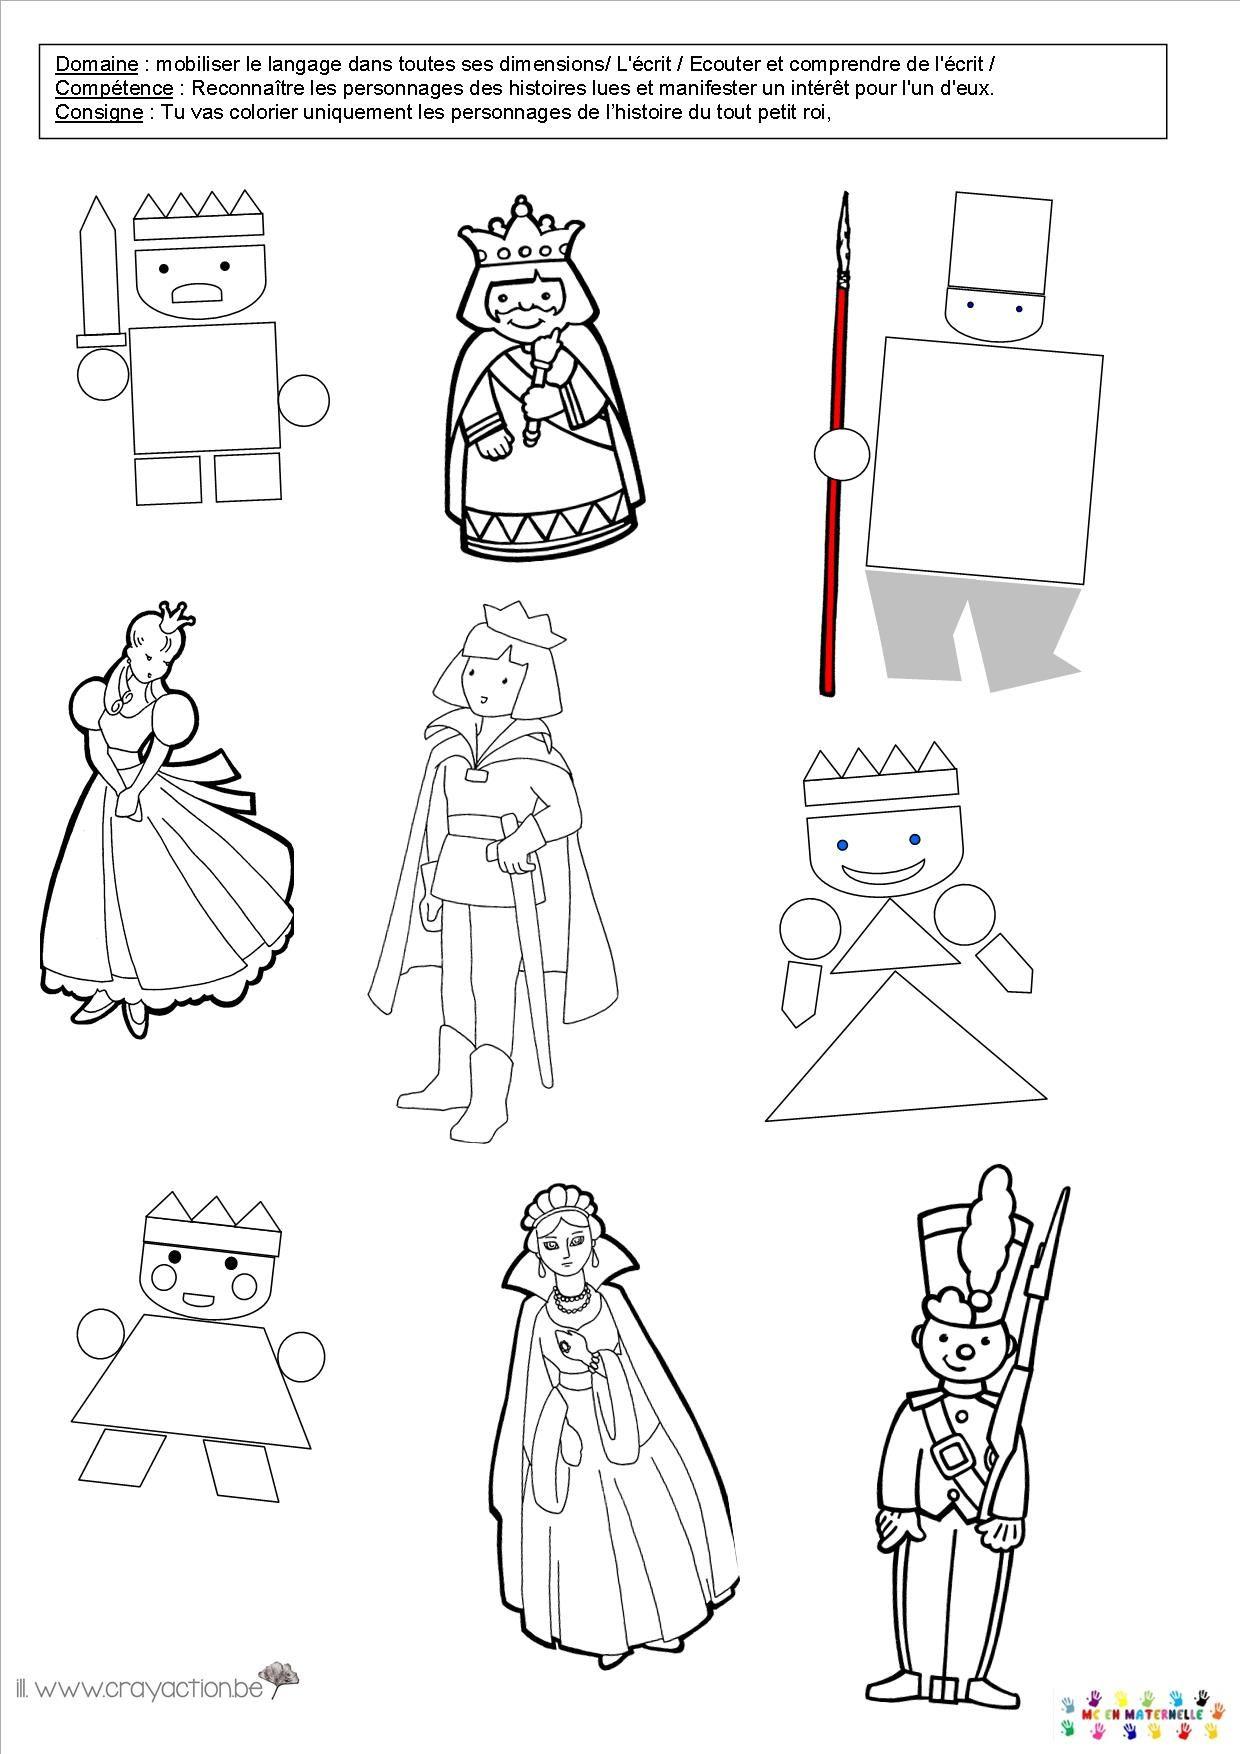 Le tout petit roi reconna tre les personnages – MC en maternelle